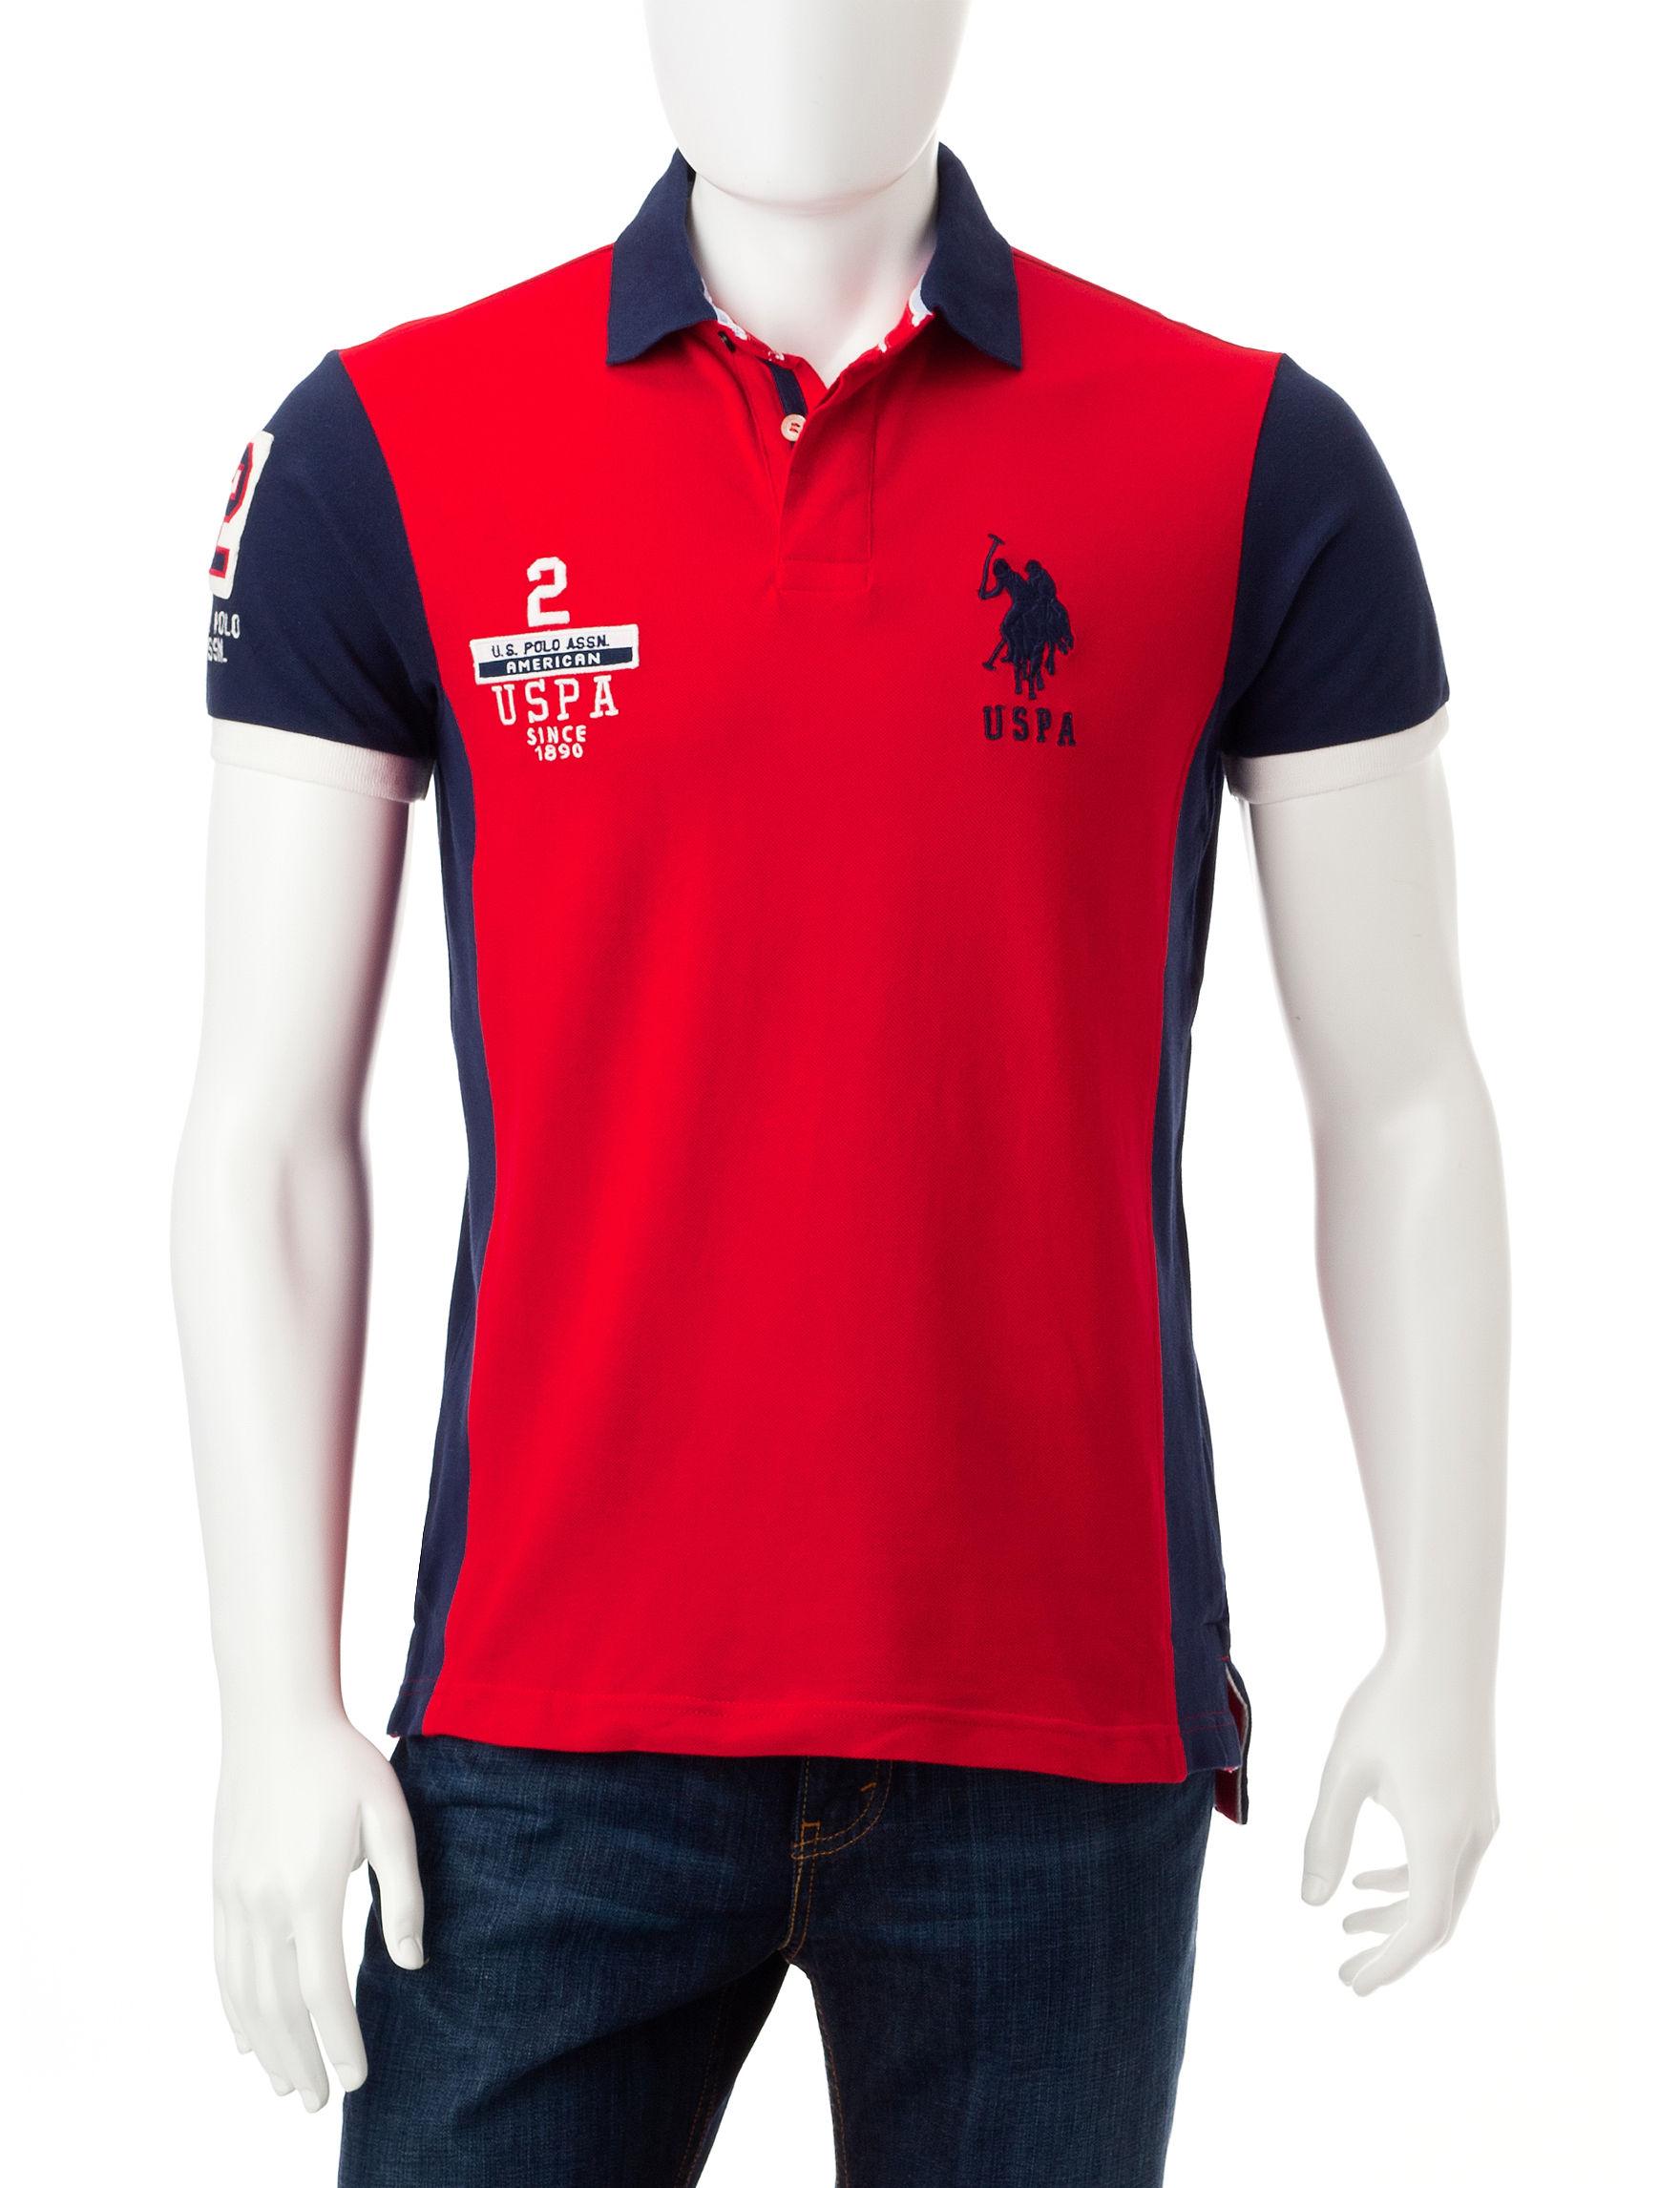 U.S. Polo Assn. Red Polos